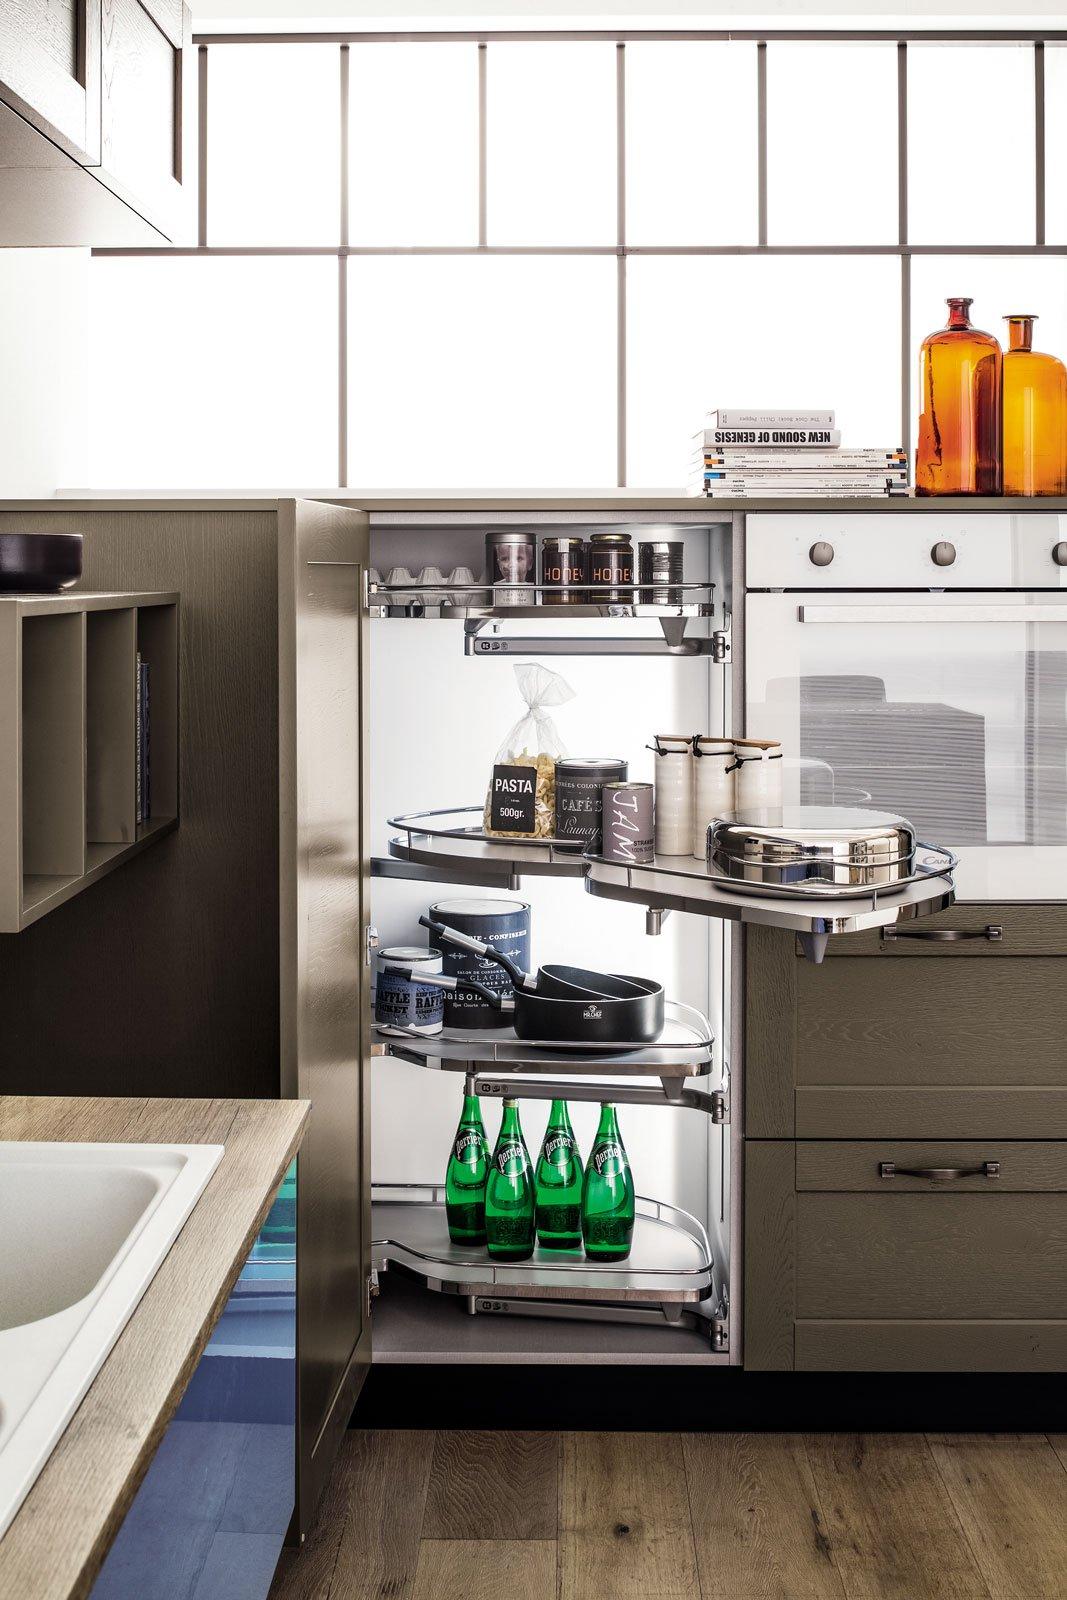 Cucine Con Angolo Cabina.Sfruttare L Angolo In Cucina Soluzioni E Foto Modelli Cose Di Casa